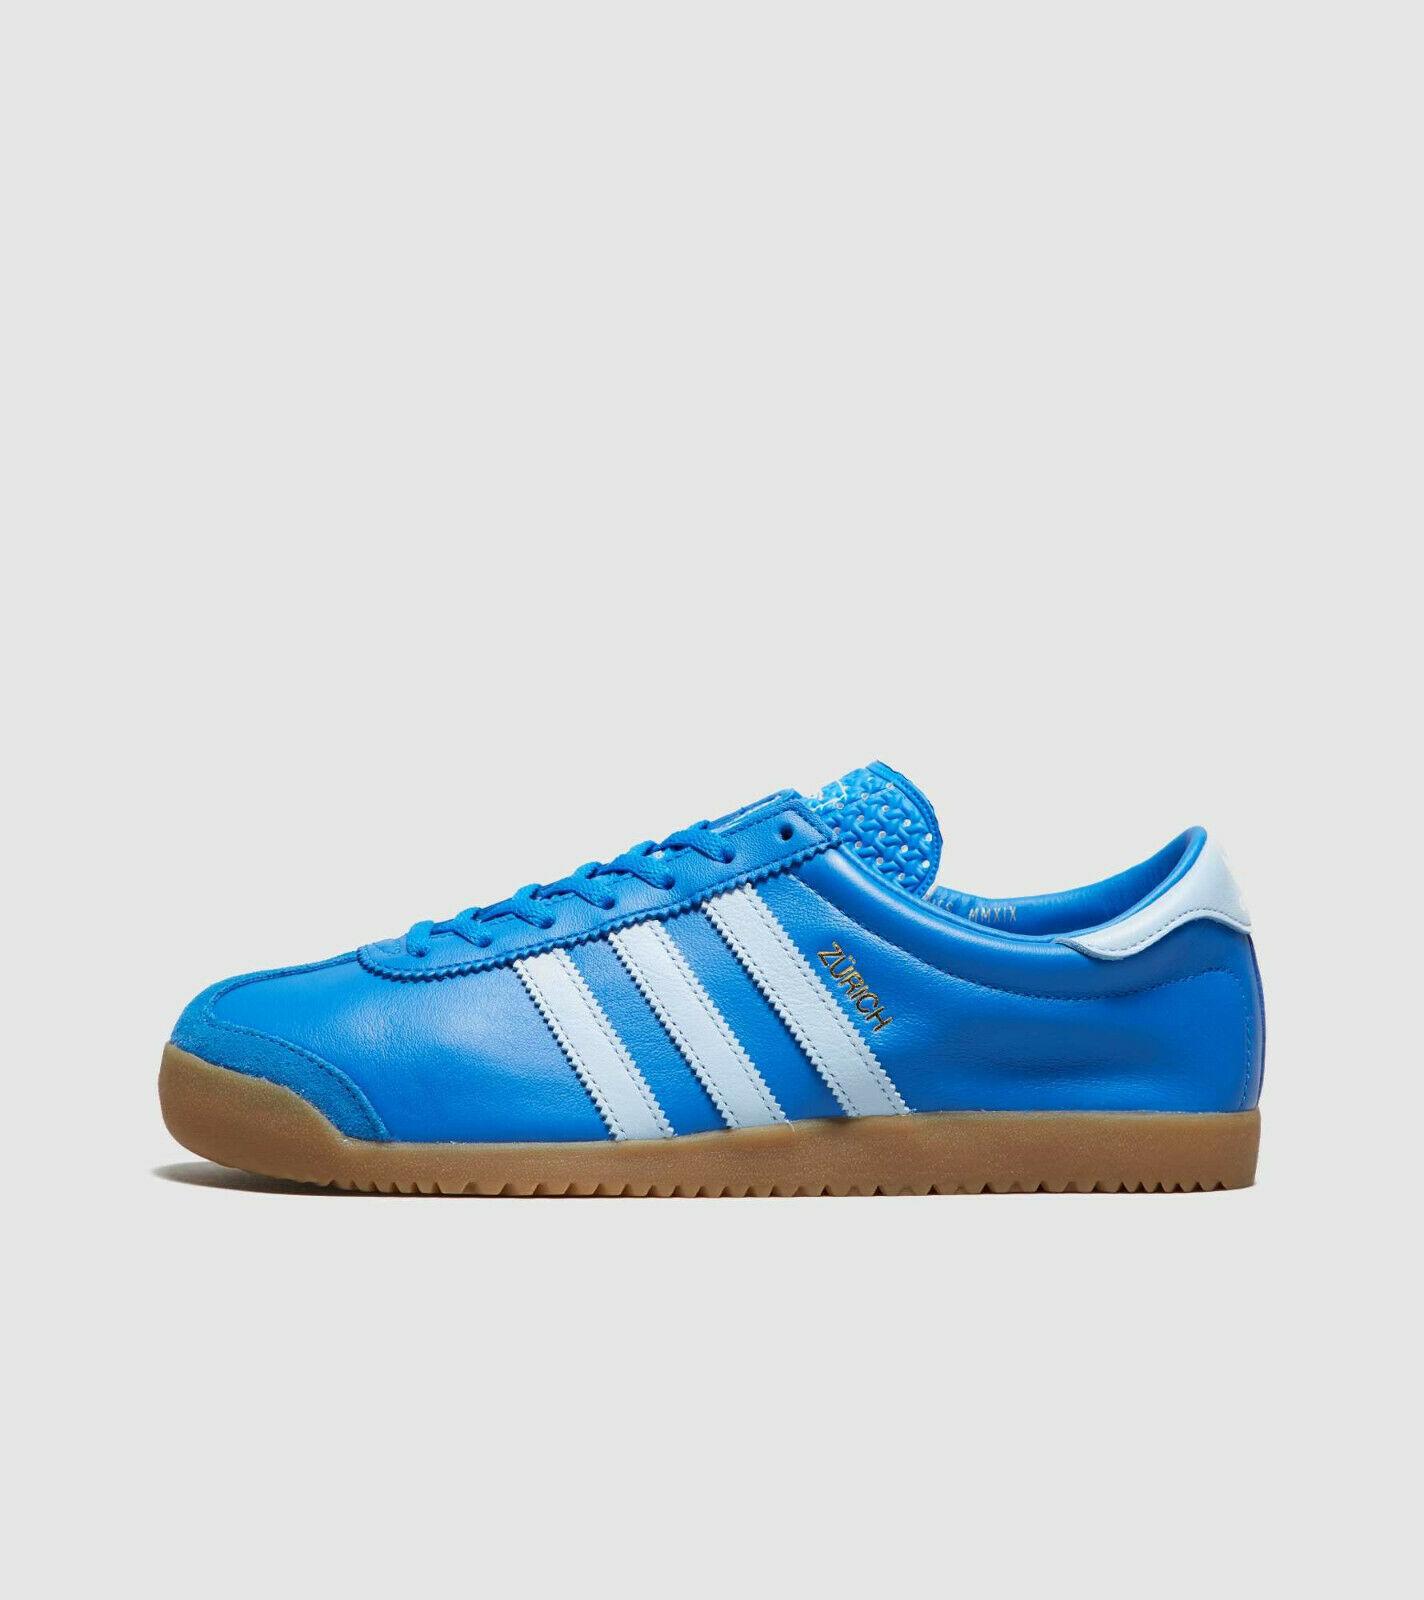 adidas Originals Zurich Blue / White  Mens Leather Trainers